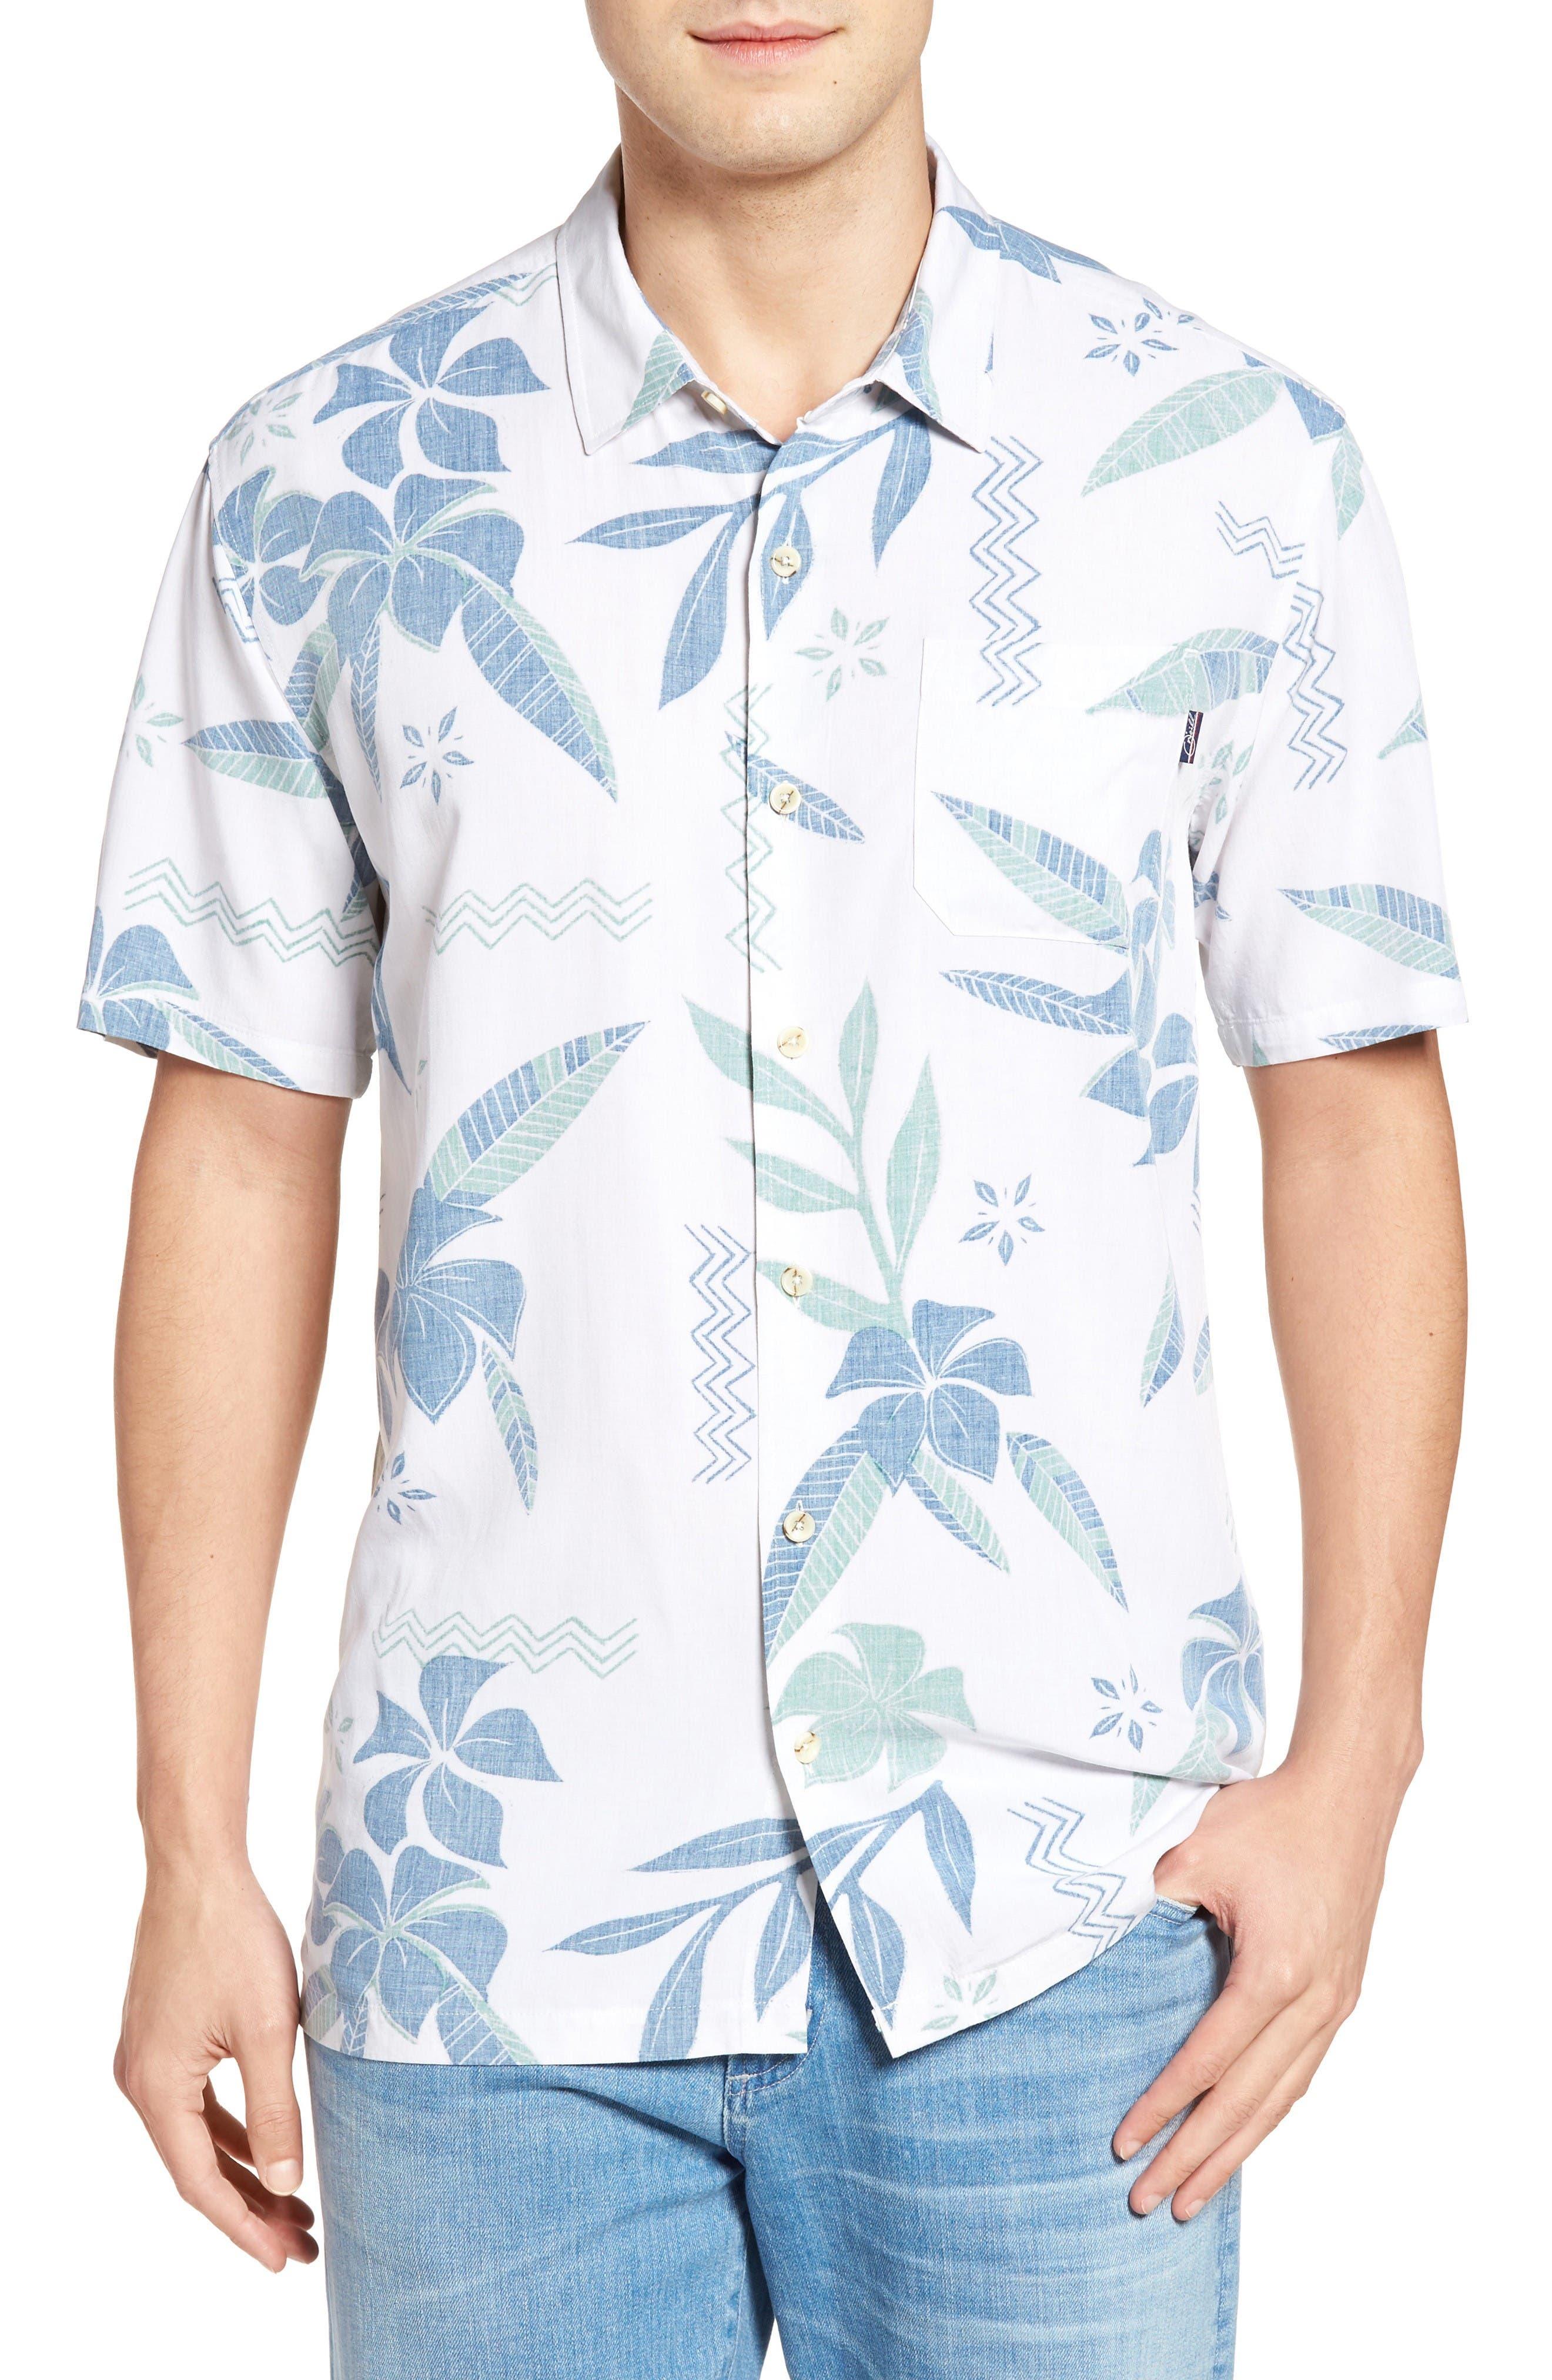 Jack O'Neill Miramar Woven Shirt